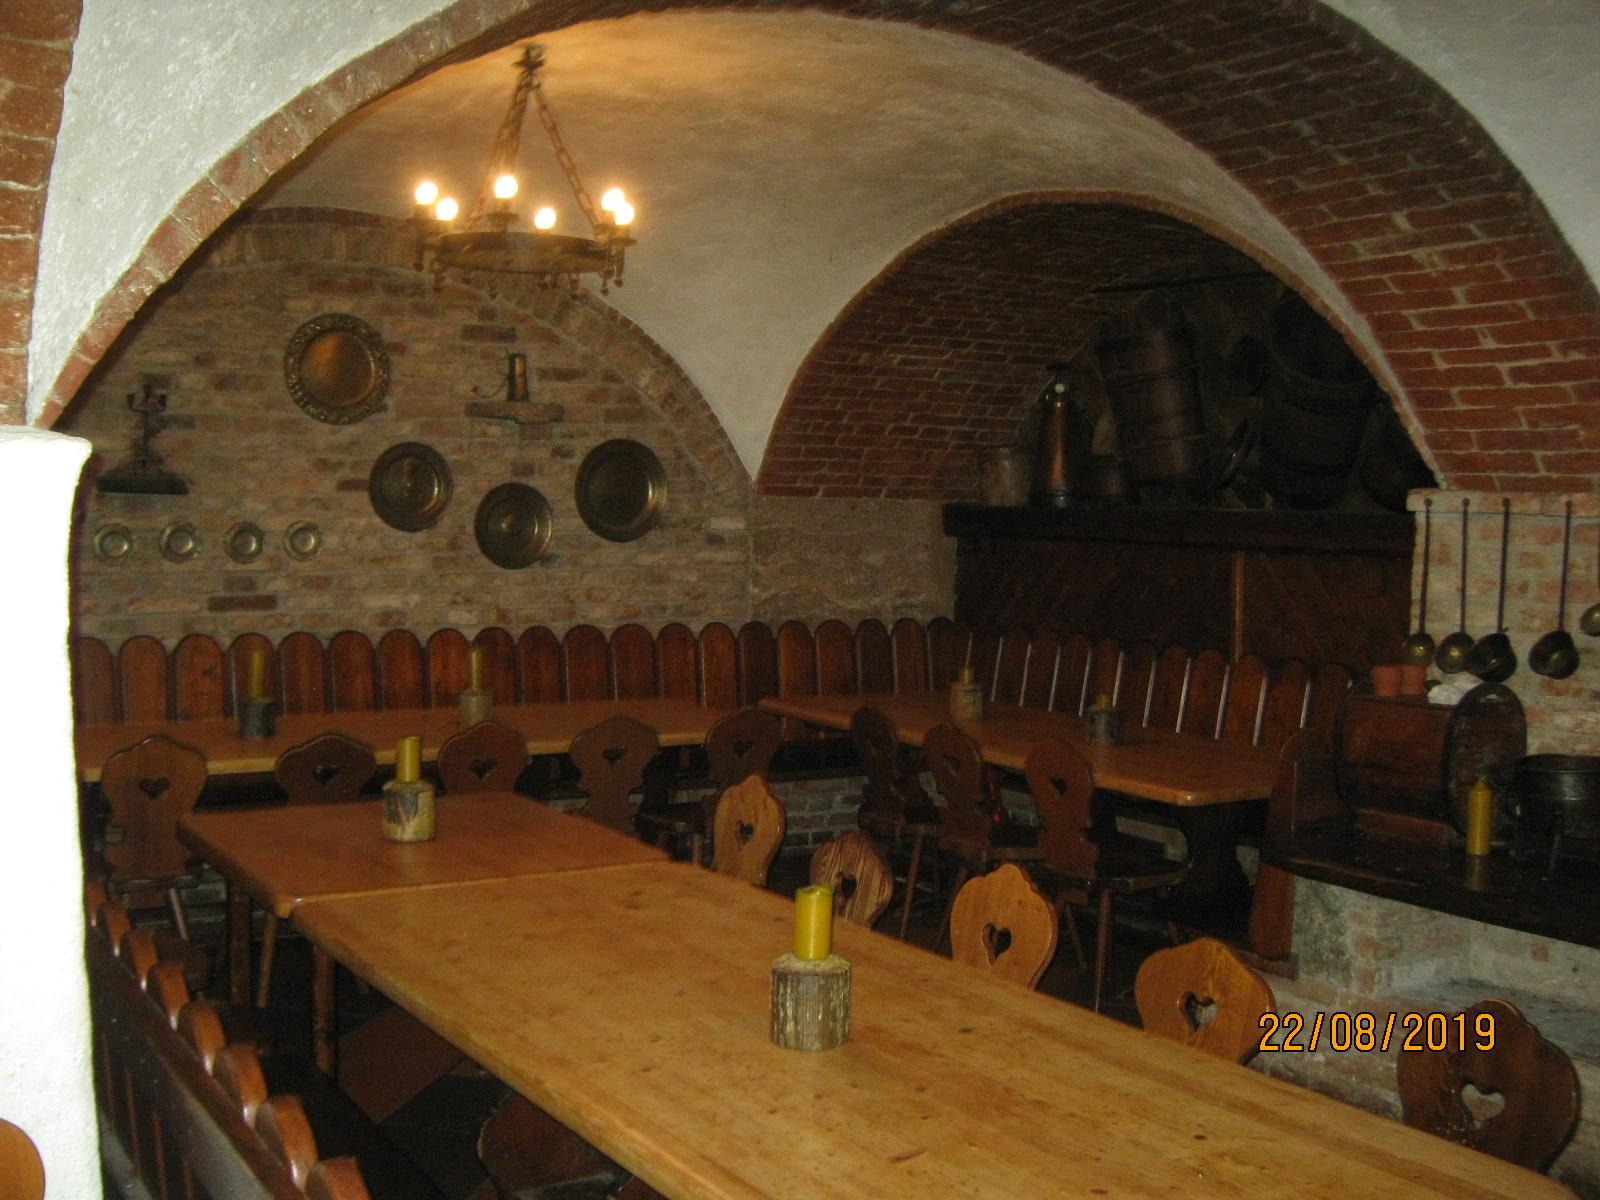 Auktion - 20 Inventar Mittelalter-Restaurant Welser Kuche  CorpEq